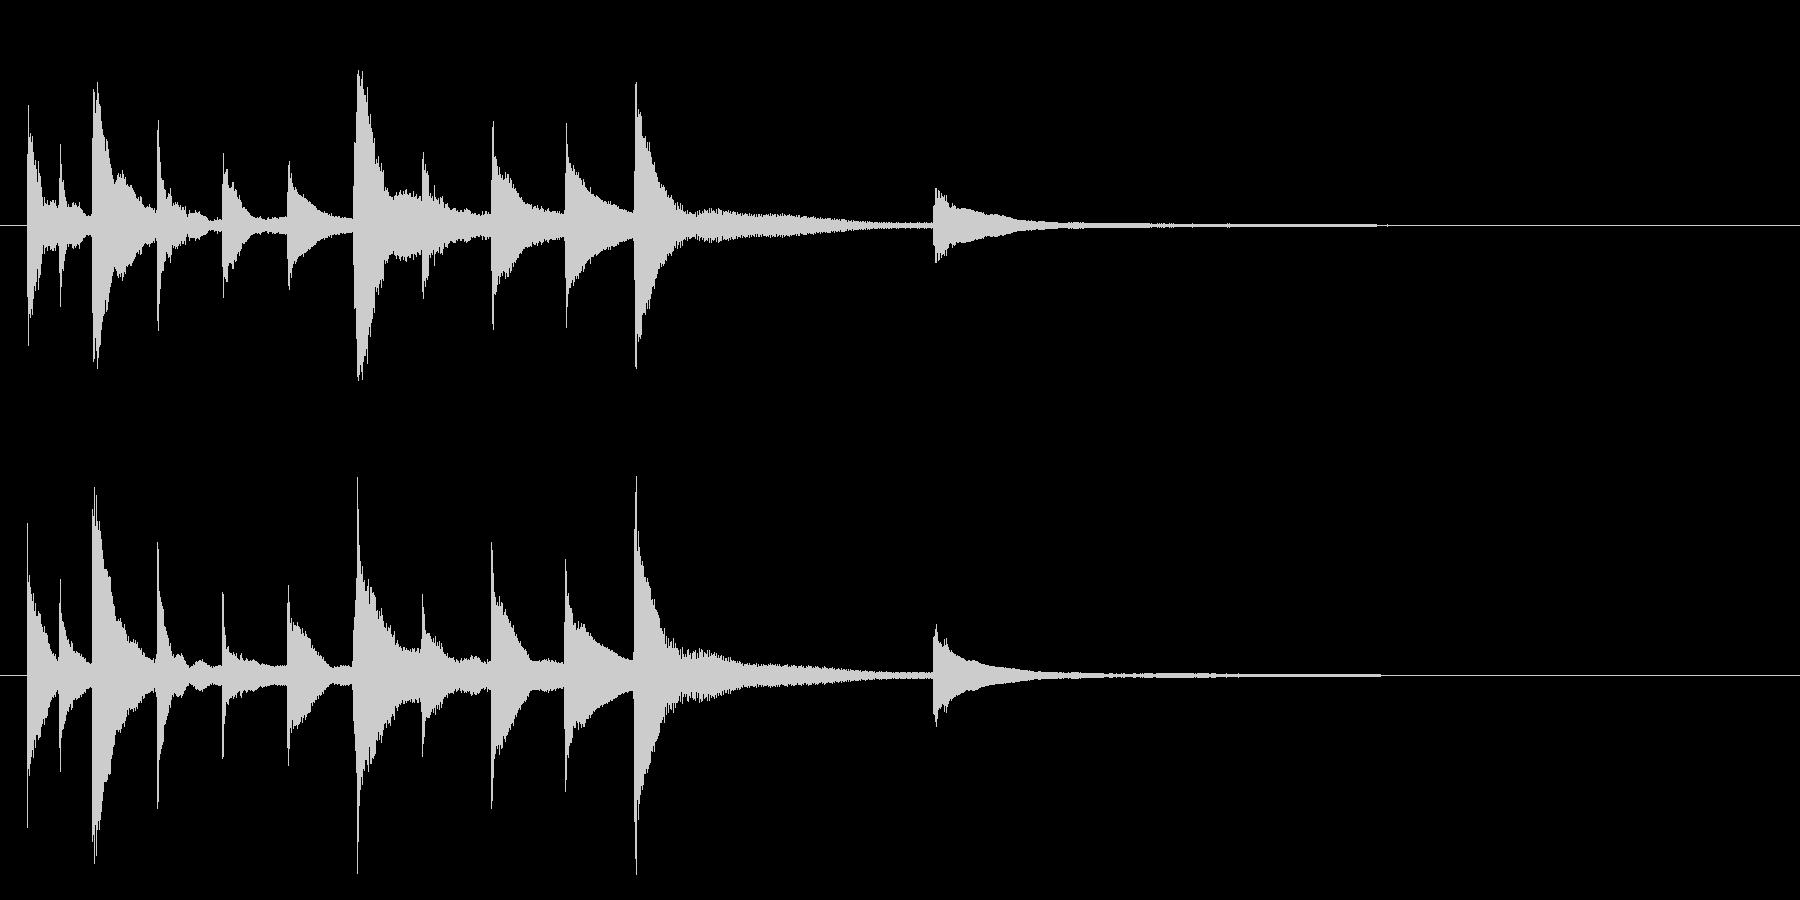 切ないピアノソロジングルの未再生の波形